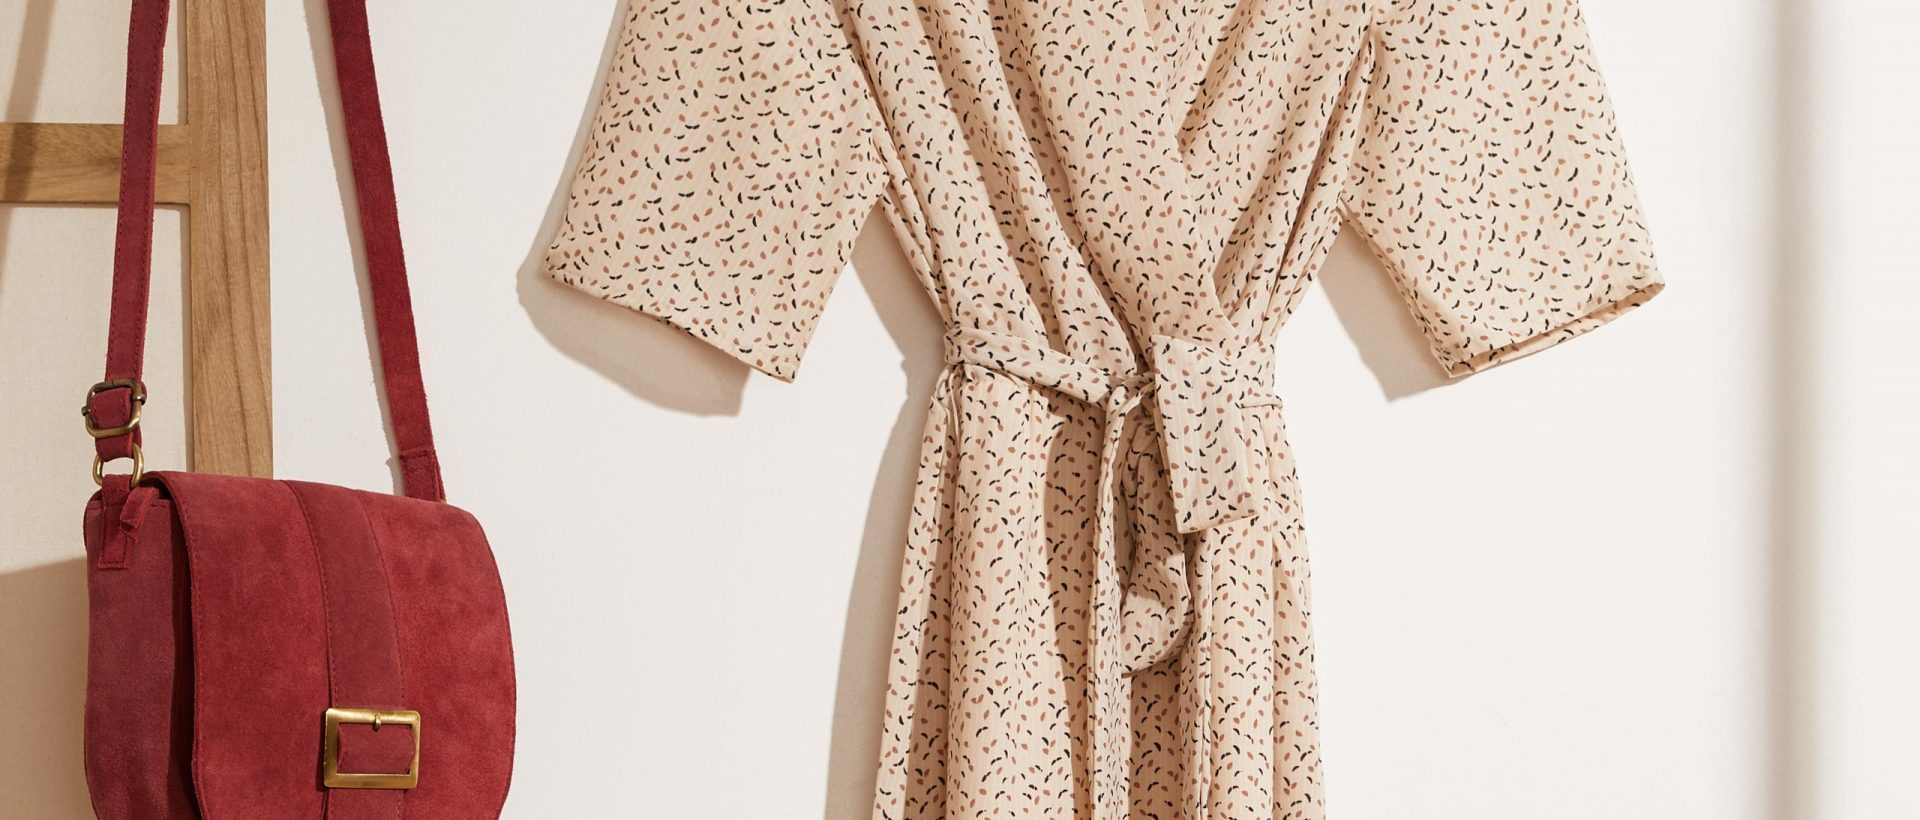 Les 10 vêtements pour mettre en valeur une silhouette en sablier cet été